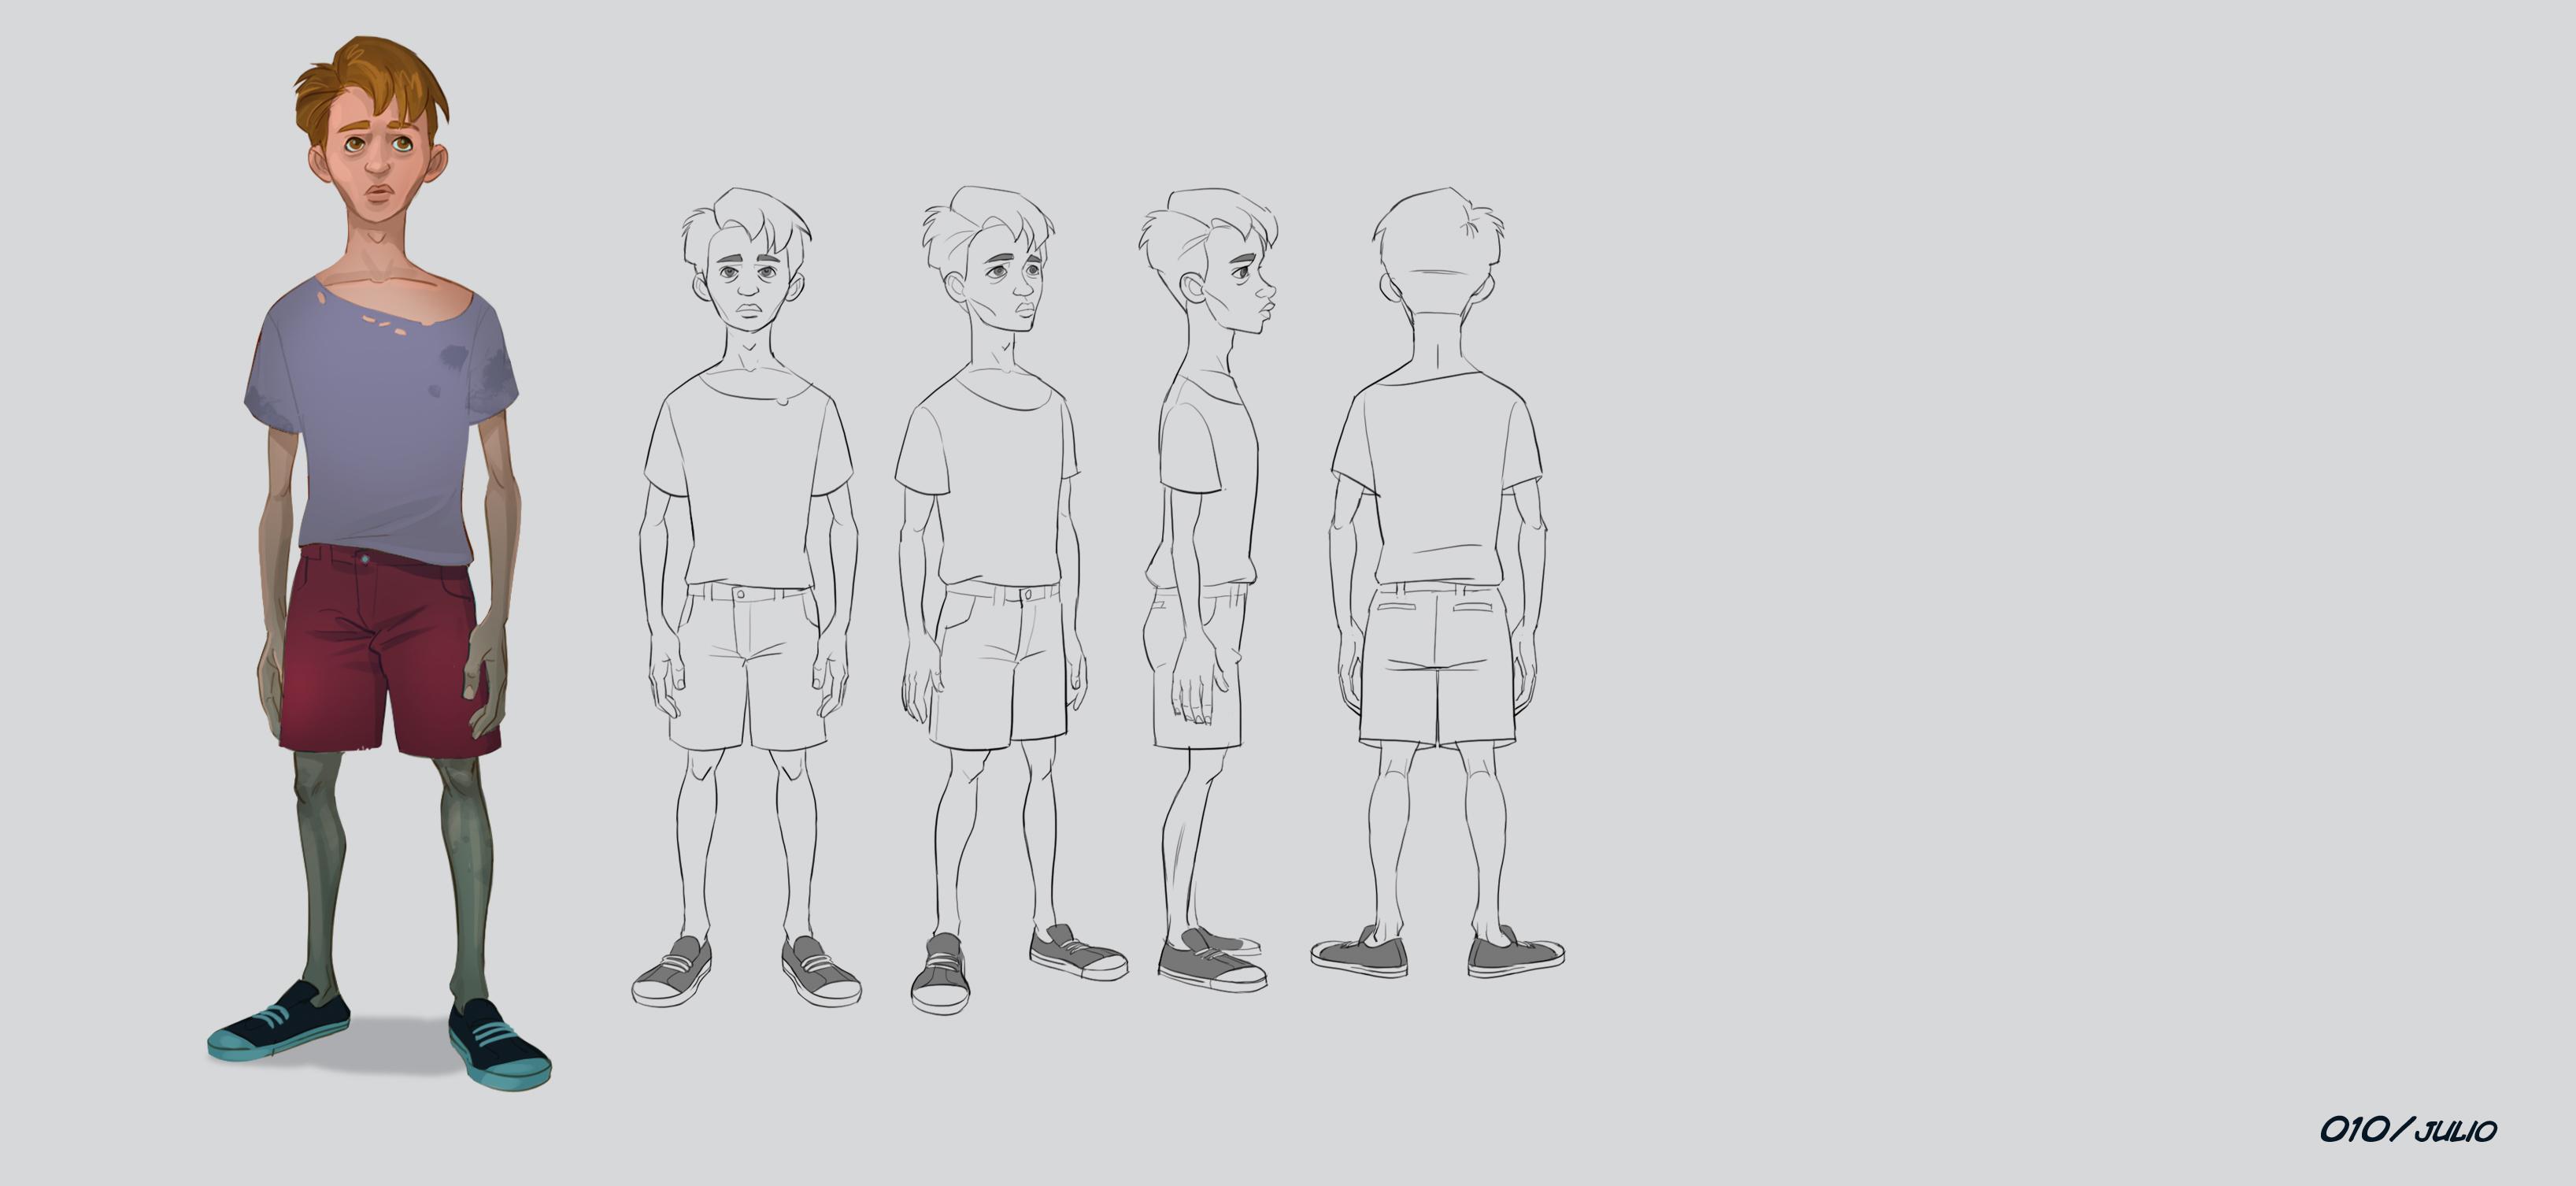 opal production, studioul care a produs mercy street, pregateste 2 scurtmetraje de animatie despre fotbal (video) Opal Production, studioul care a produs Mercy Street, pregateste 2 scurtmetraje de animatie despre fotbal (VIDEO) Pustiul Julio